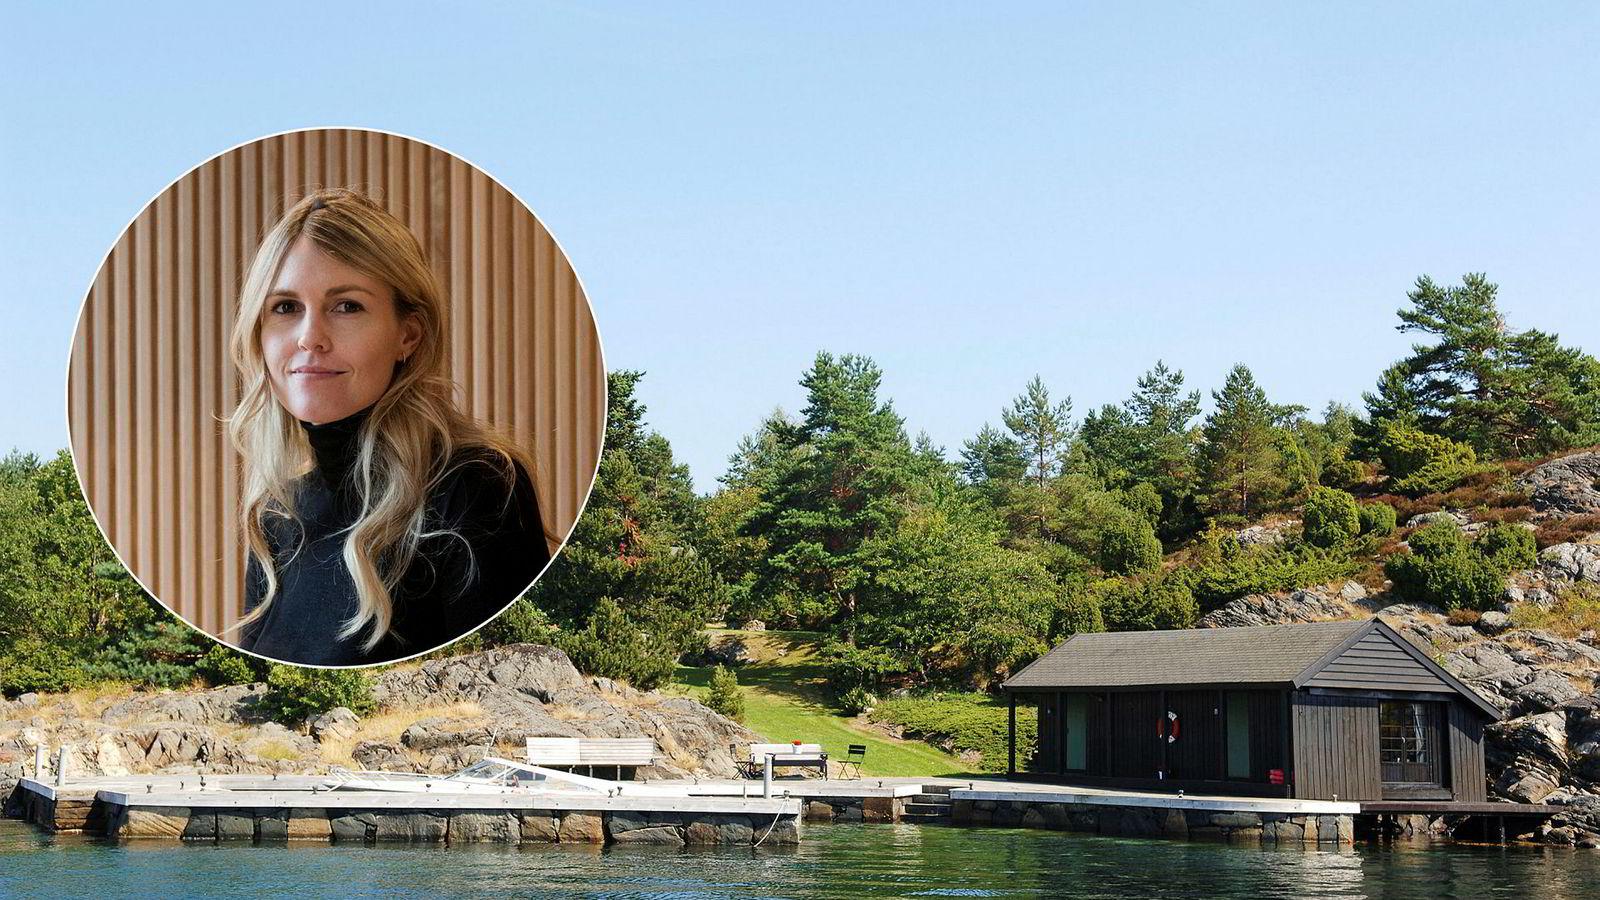 Peter T. Smedvig overlot i fjor styringen av familieselskapene til datteren Anna Margaret Smedvig. Nå overtar hun også farens Blindleia-eiendommer. Bildet er tatt i 2006.